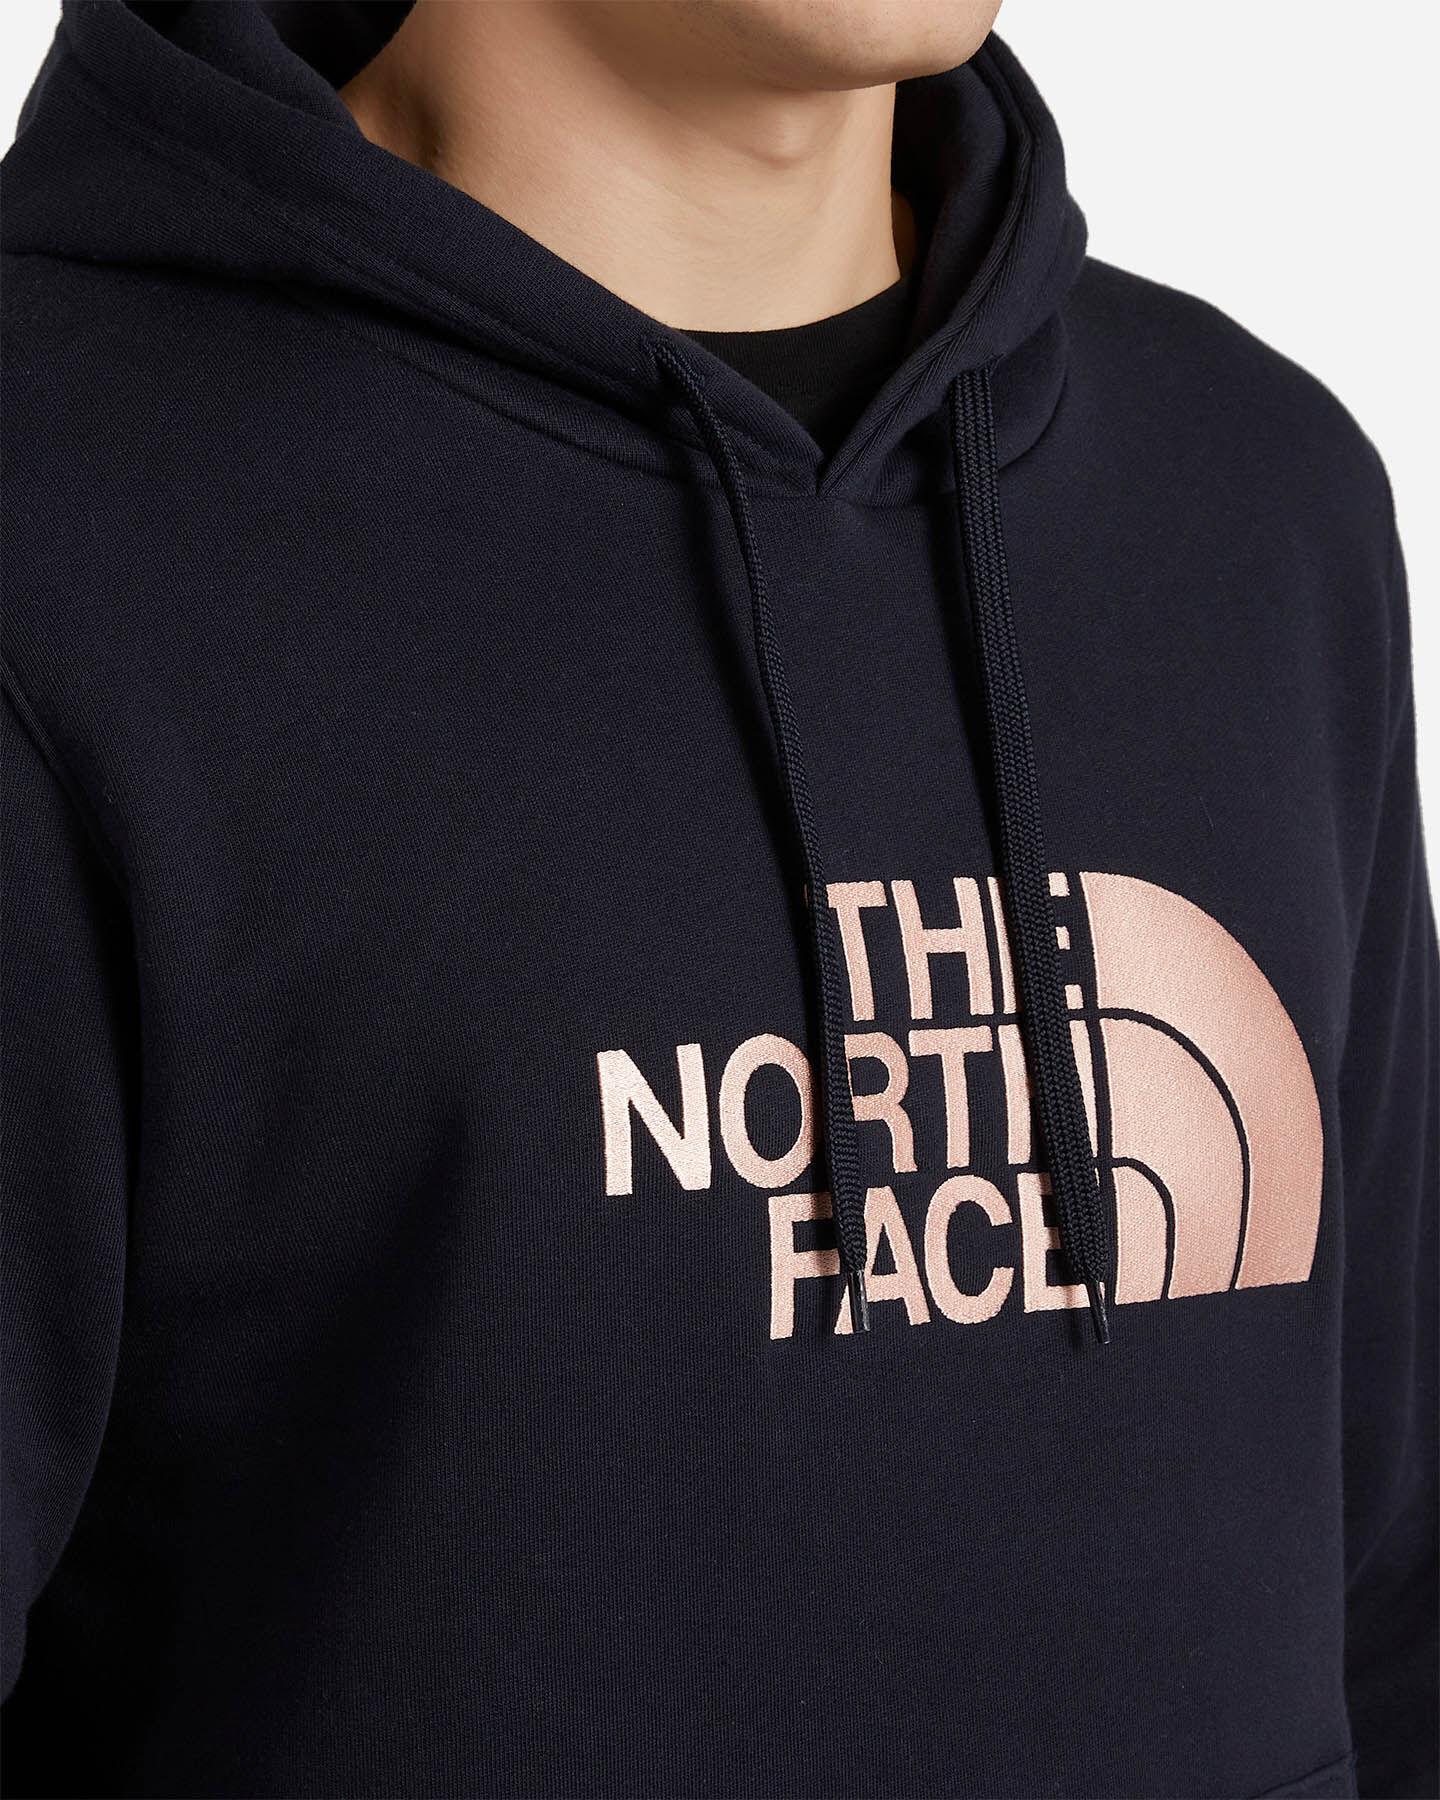 Felpa THE NORTH FACE DREW PEAK M S1303942 scatto 4